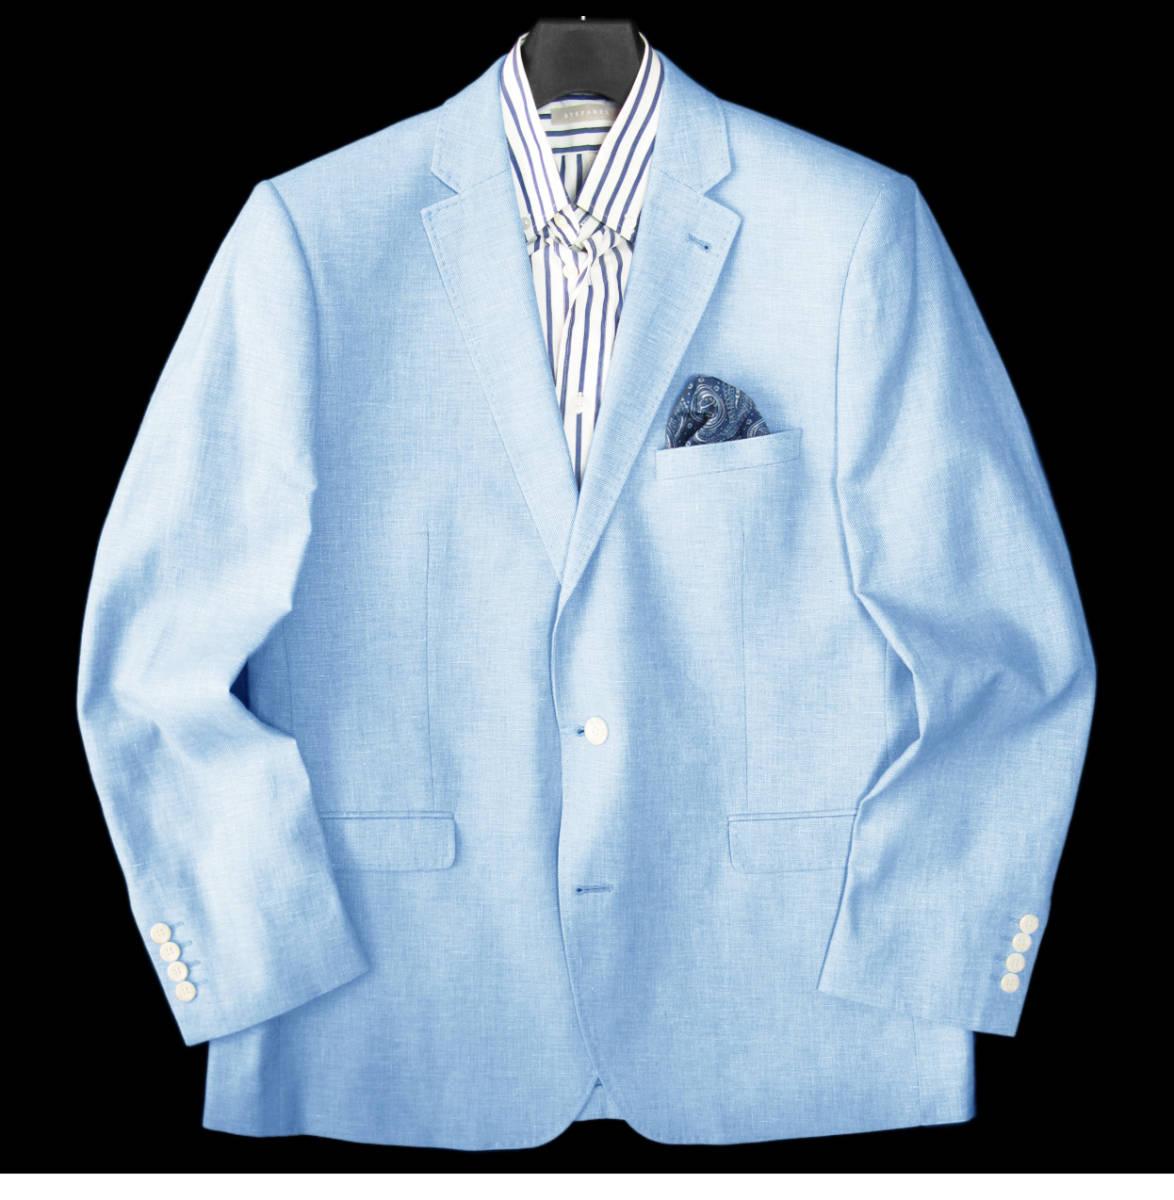 ◆新品 本物◆MOSS 1851 2釦 ジャケット 7万8千円 ◆◆ 麻 & コットン素材 ◆◆